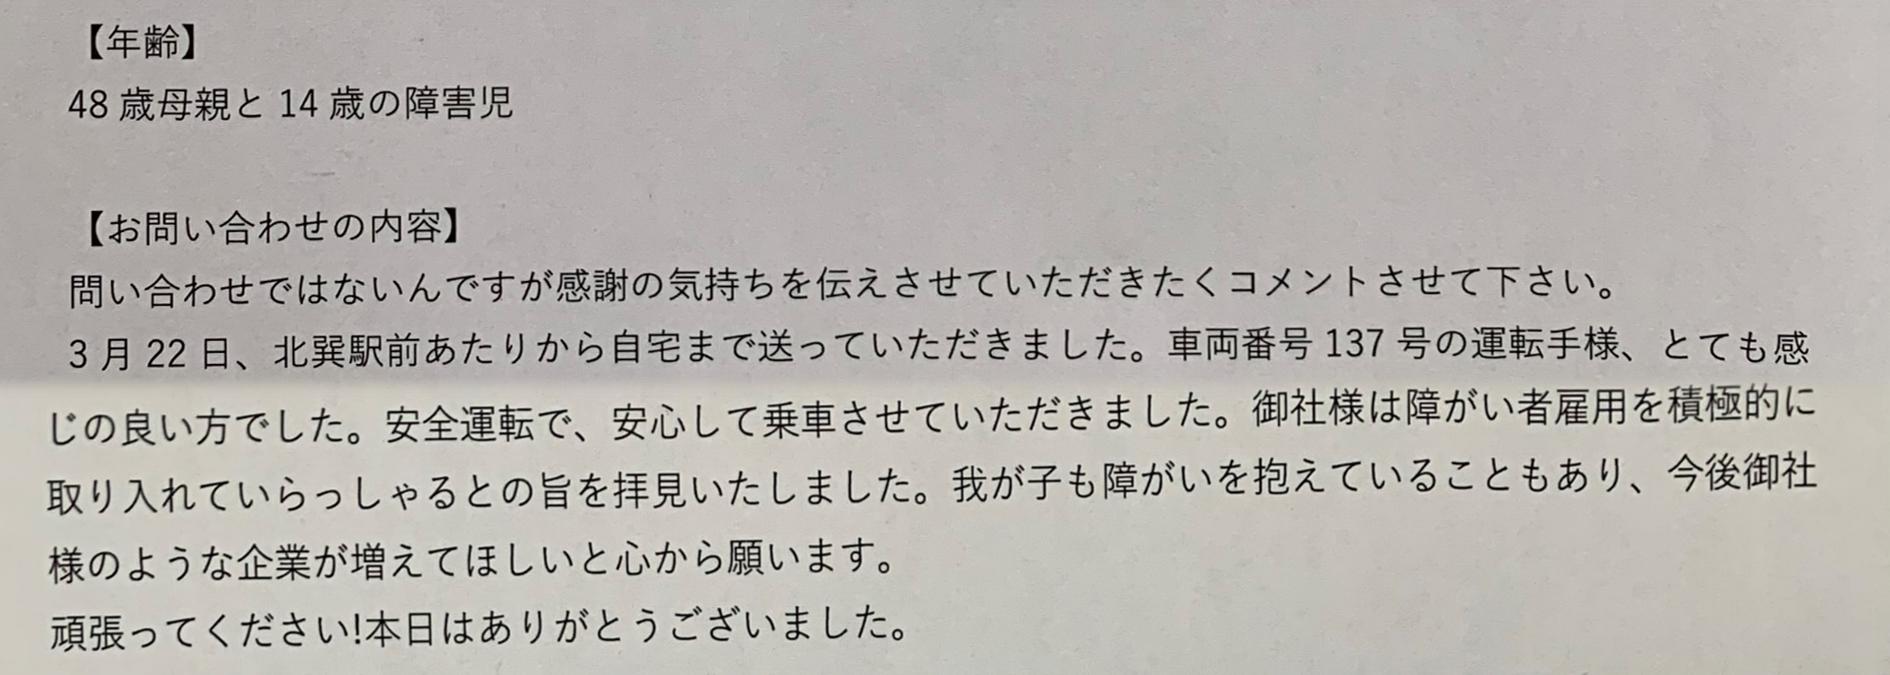 お客様から感謝のお手紙を頂きました!